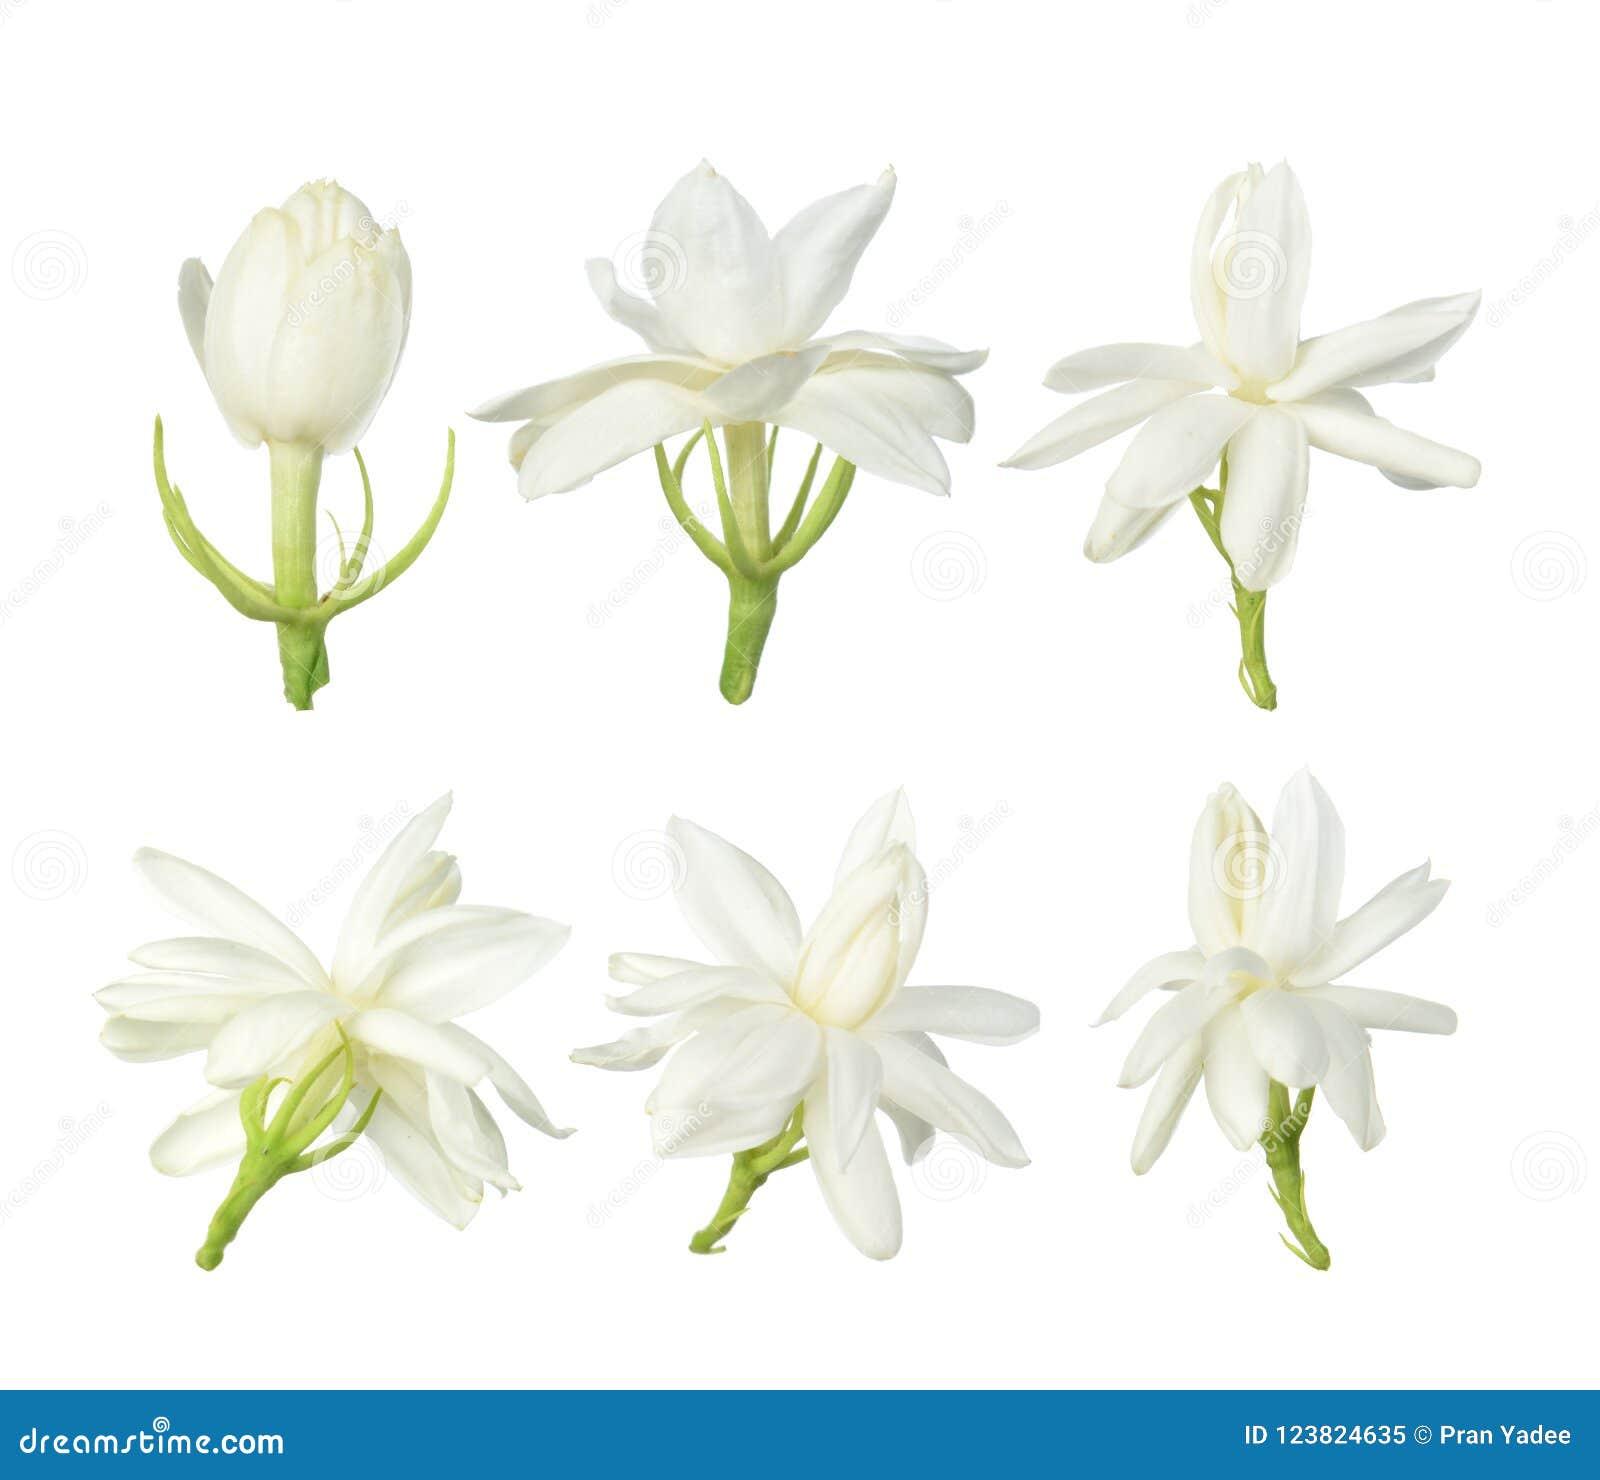 Weiße Blume, thailändische Jasminblume lokalisiert auf weißem Hintergrund